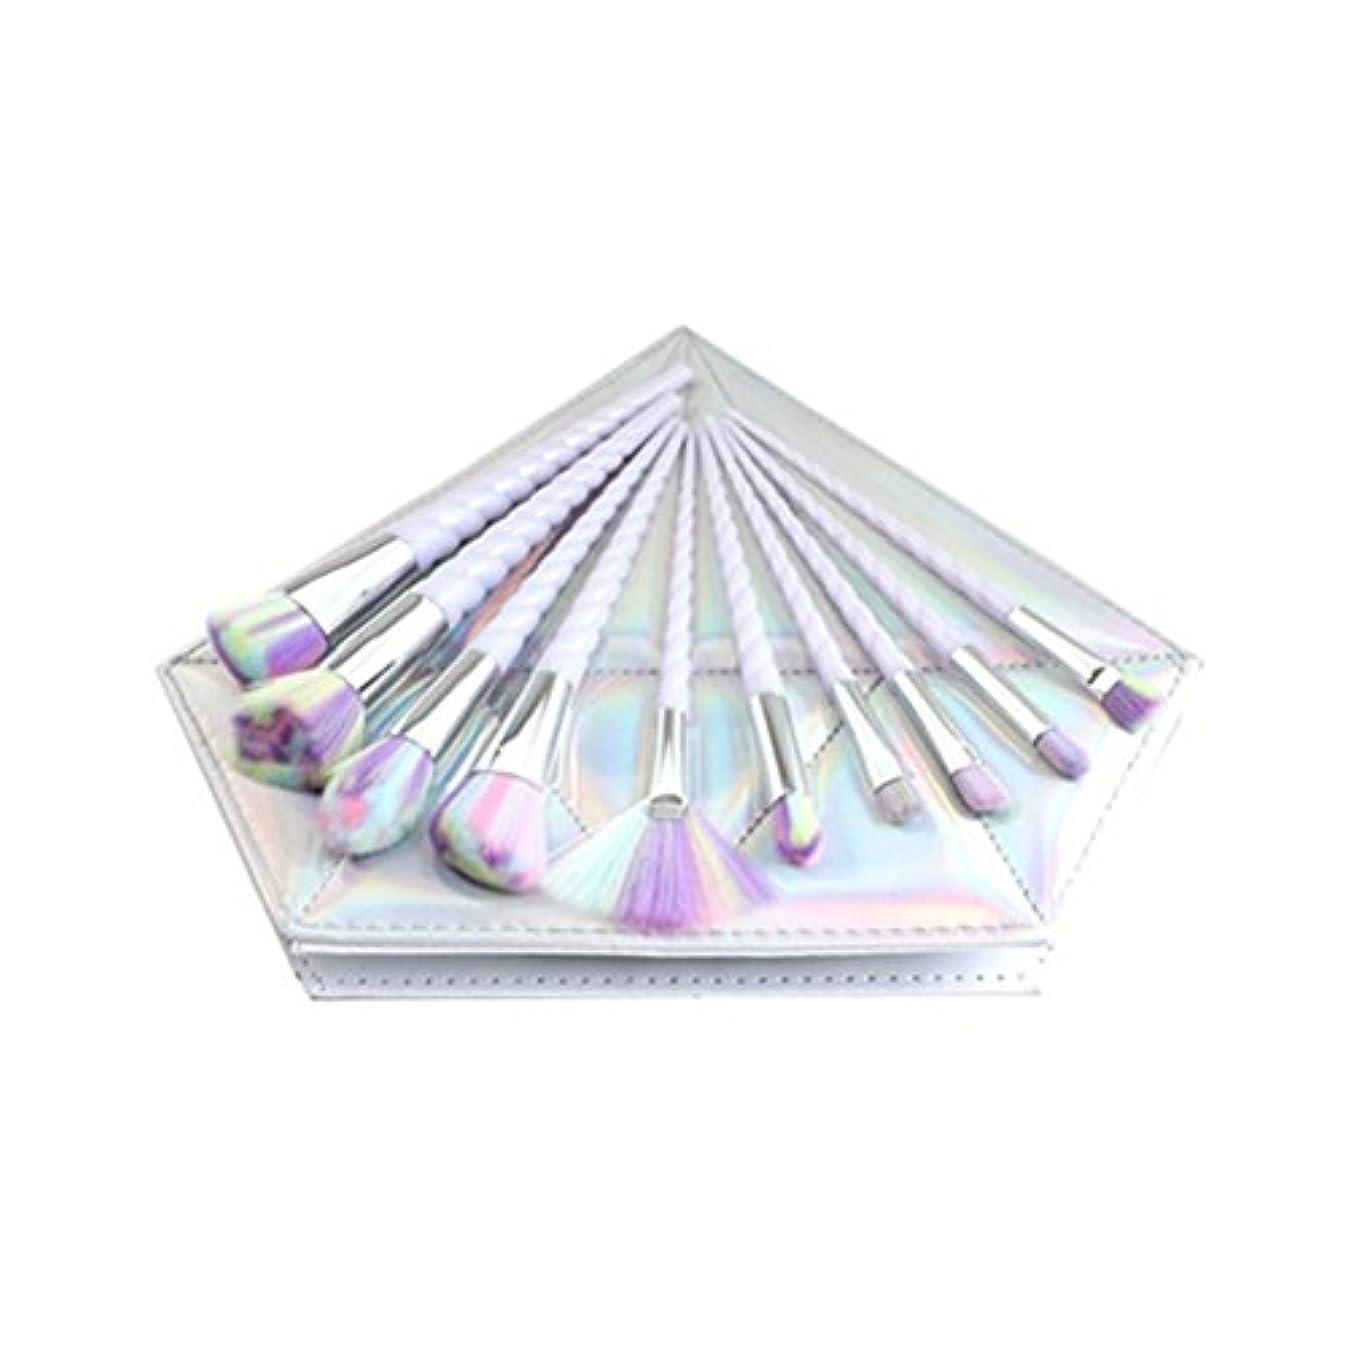 余剰部門ウィンクDilla Beauty 10本セットユニコーンデザインプラスチックハンドル形状メイクブラシセット合成毛ファンデーションブラシアイシャドーブラッシャー美容ツール美しい化粧品のバッグを送る (白いハンドル - 多色の毛)